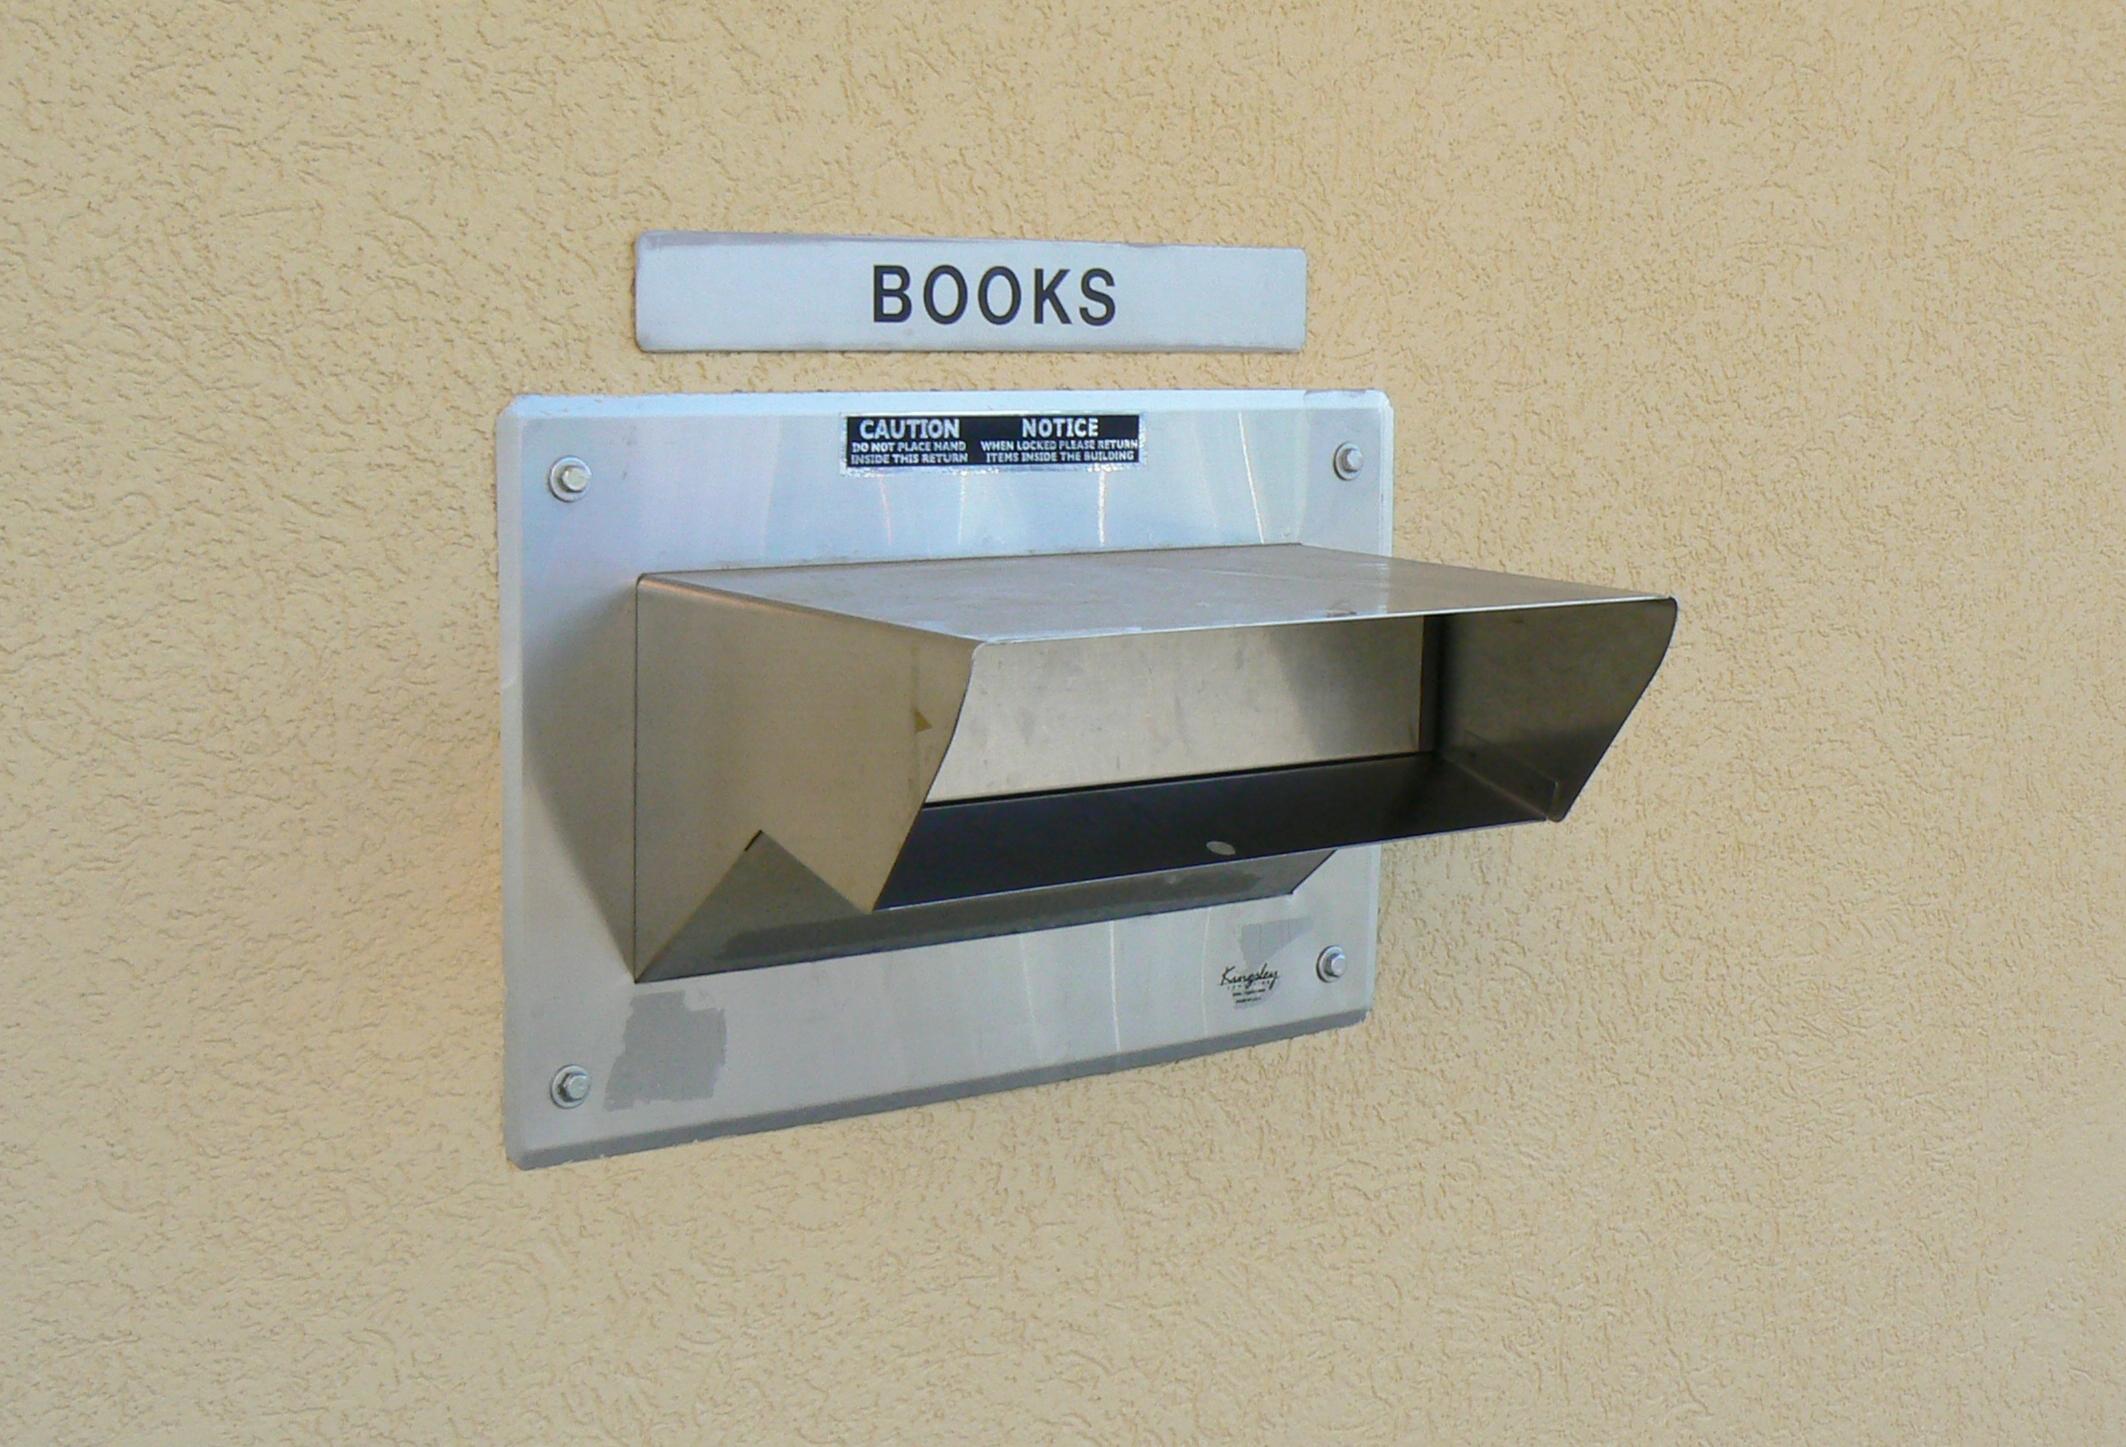 Hit the Books on Library Etiquette    Etiquette with Brett Etiquette with Brett   WordPress com